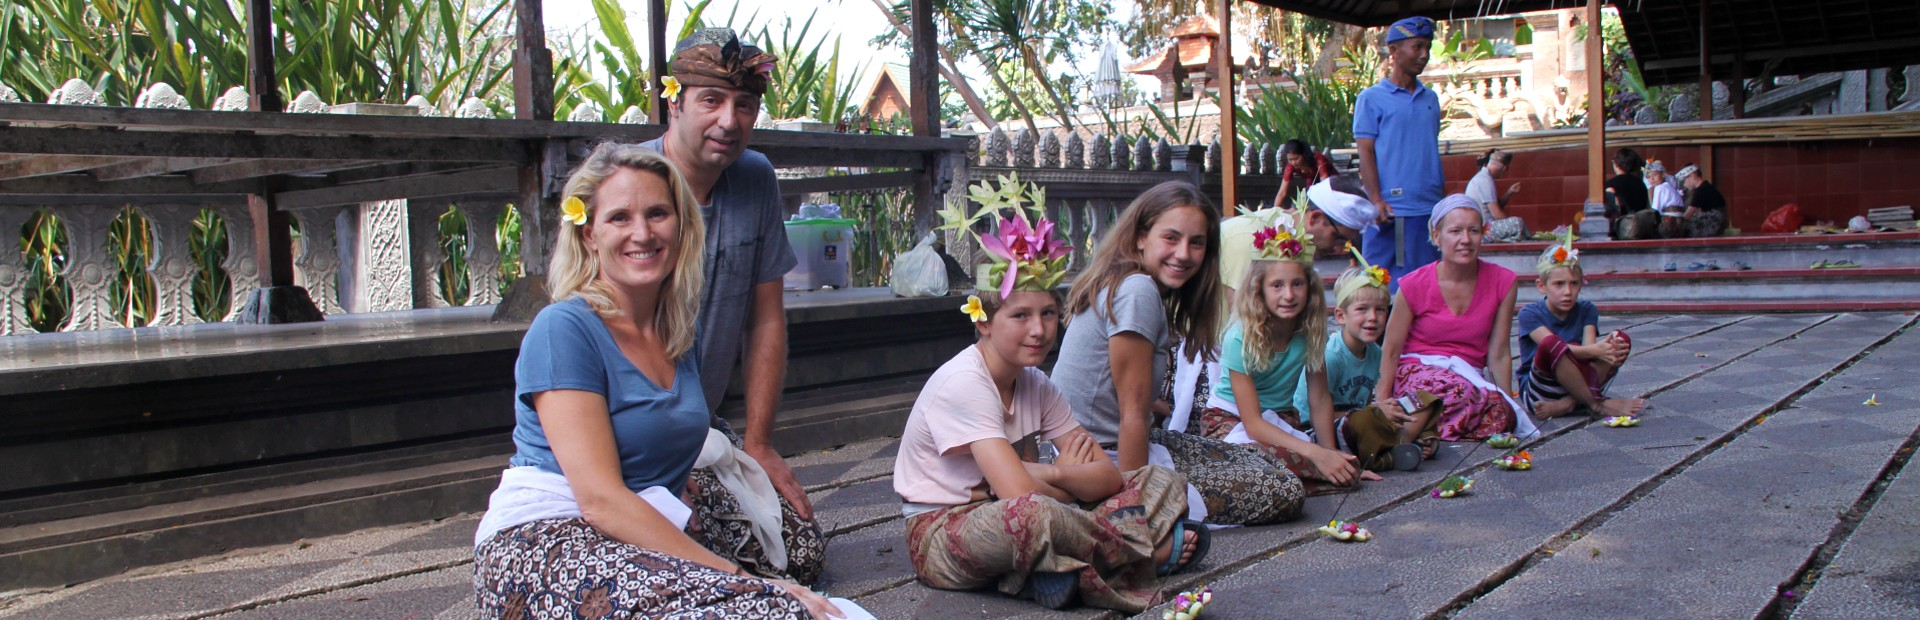 Reisspecialisten van Riksja Family